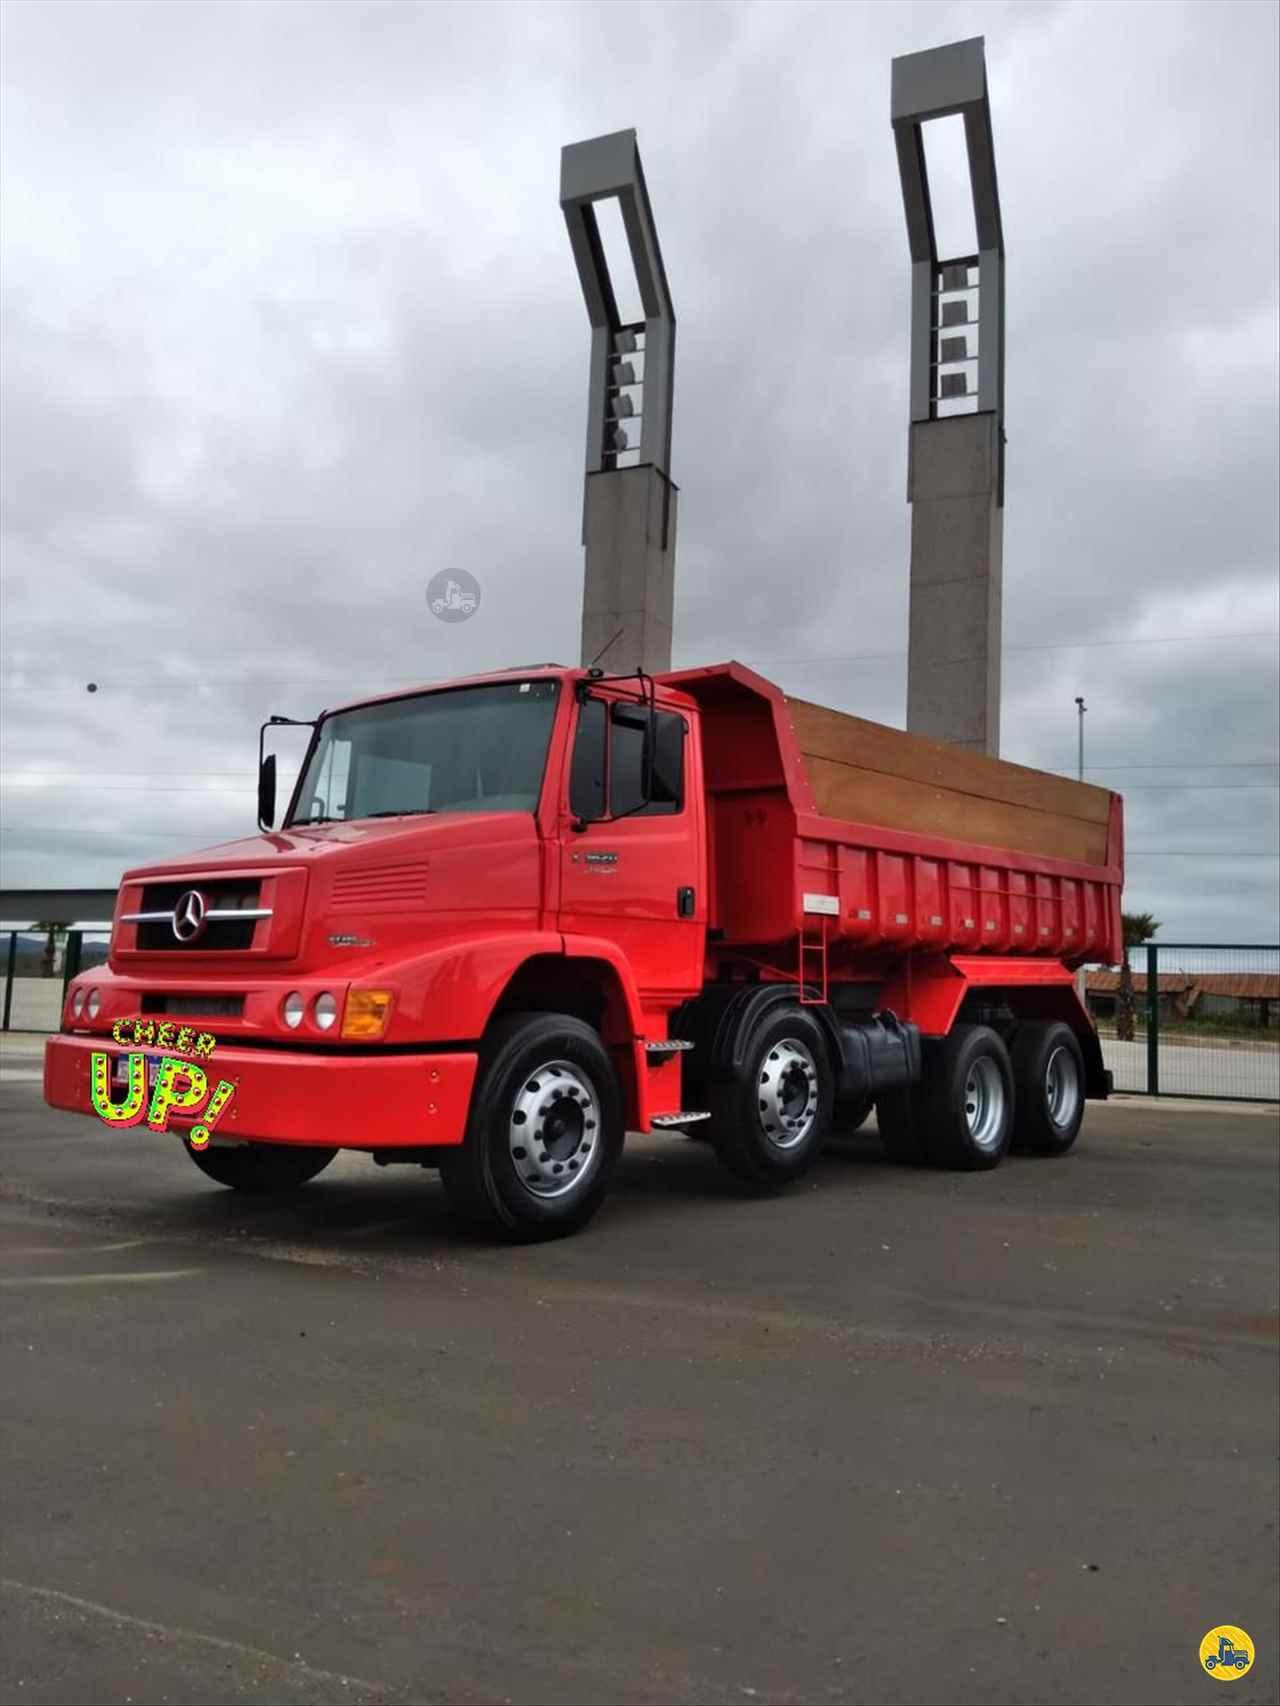 CAMINHAO MERCEDES-BENZ MB 1620 Bombeiro Truck 6x2 Caminhões Certos CONTAGEM MINAS GERAIS MG